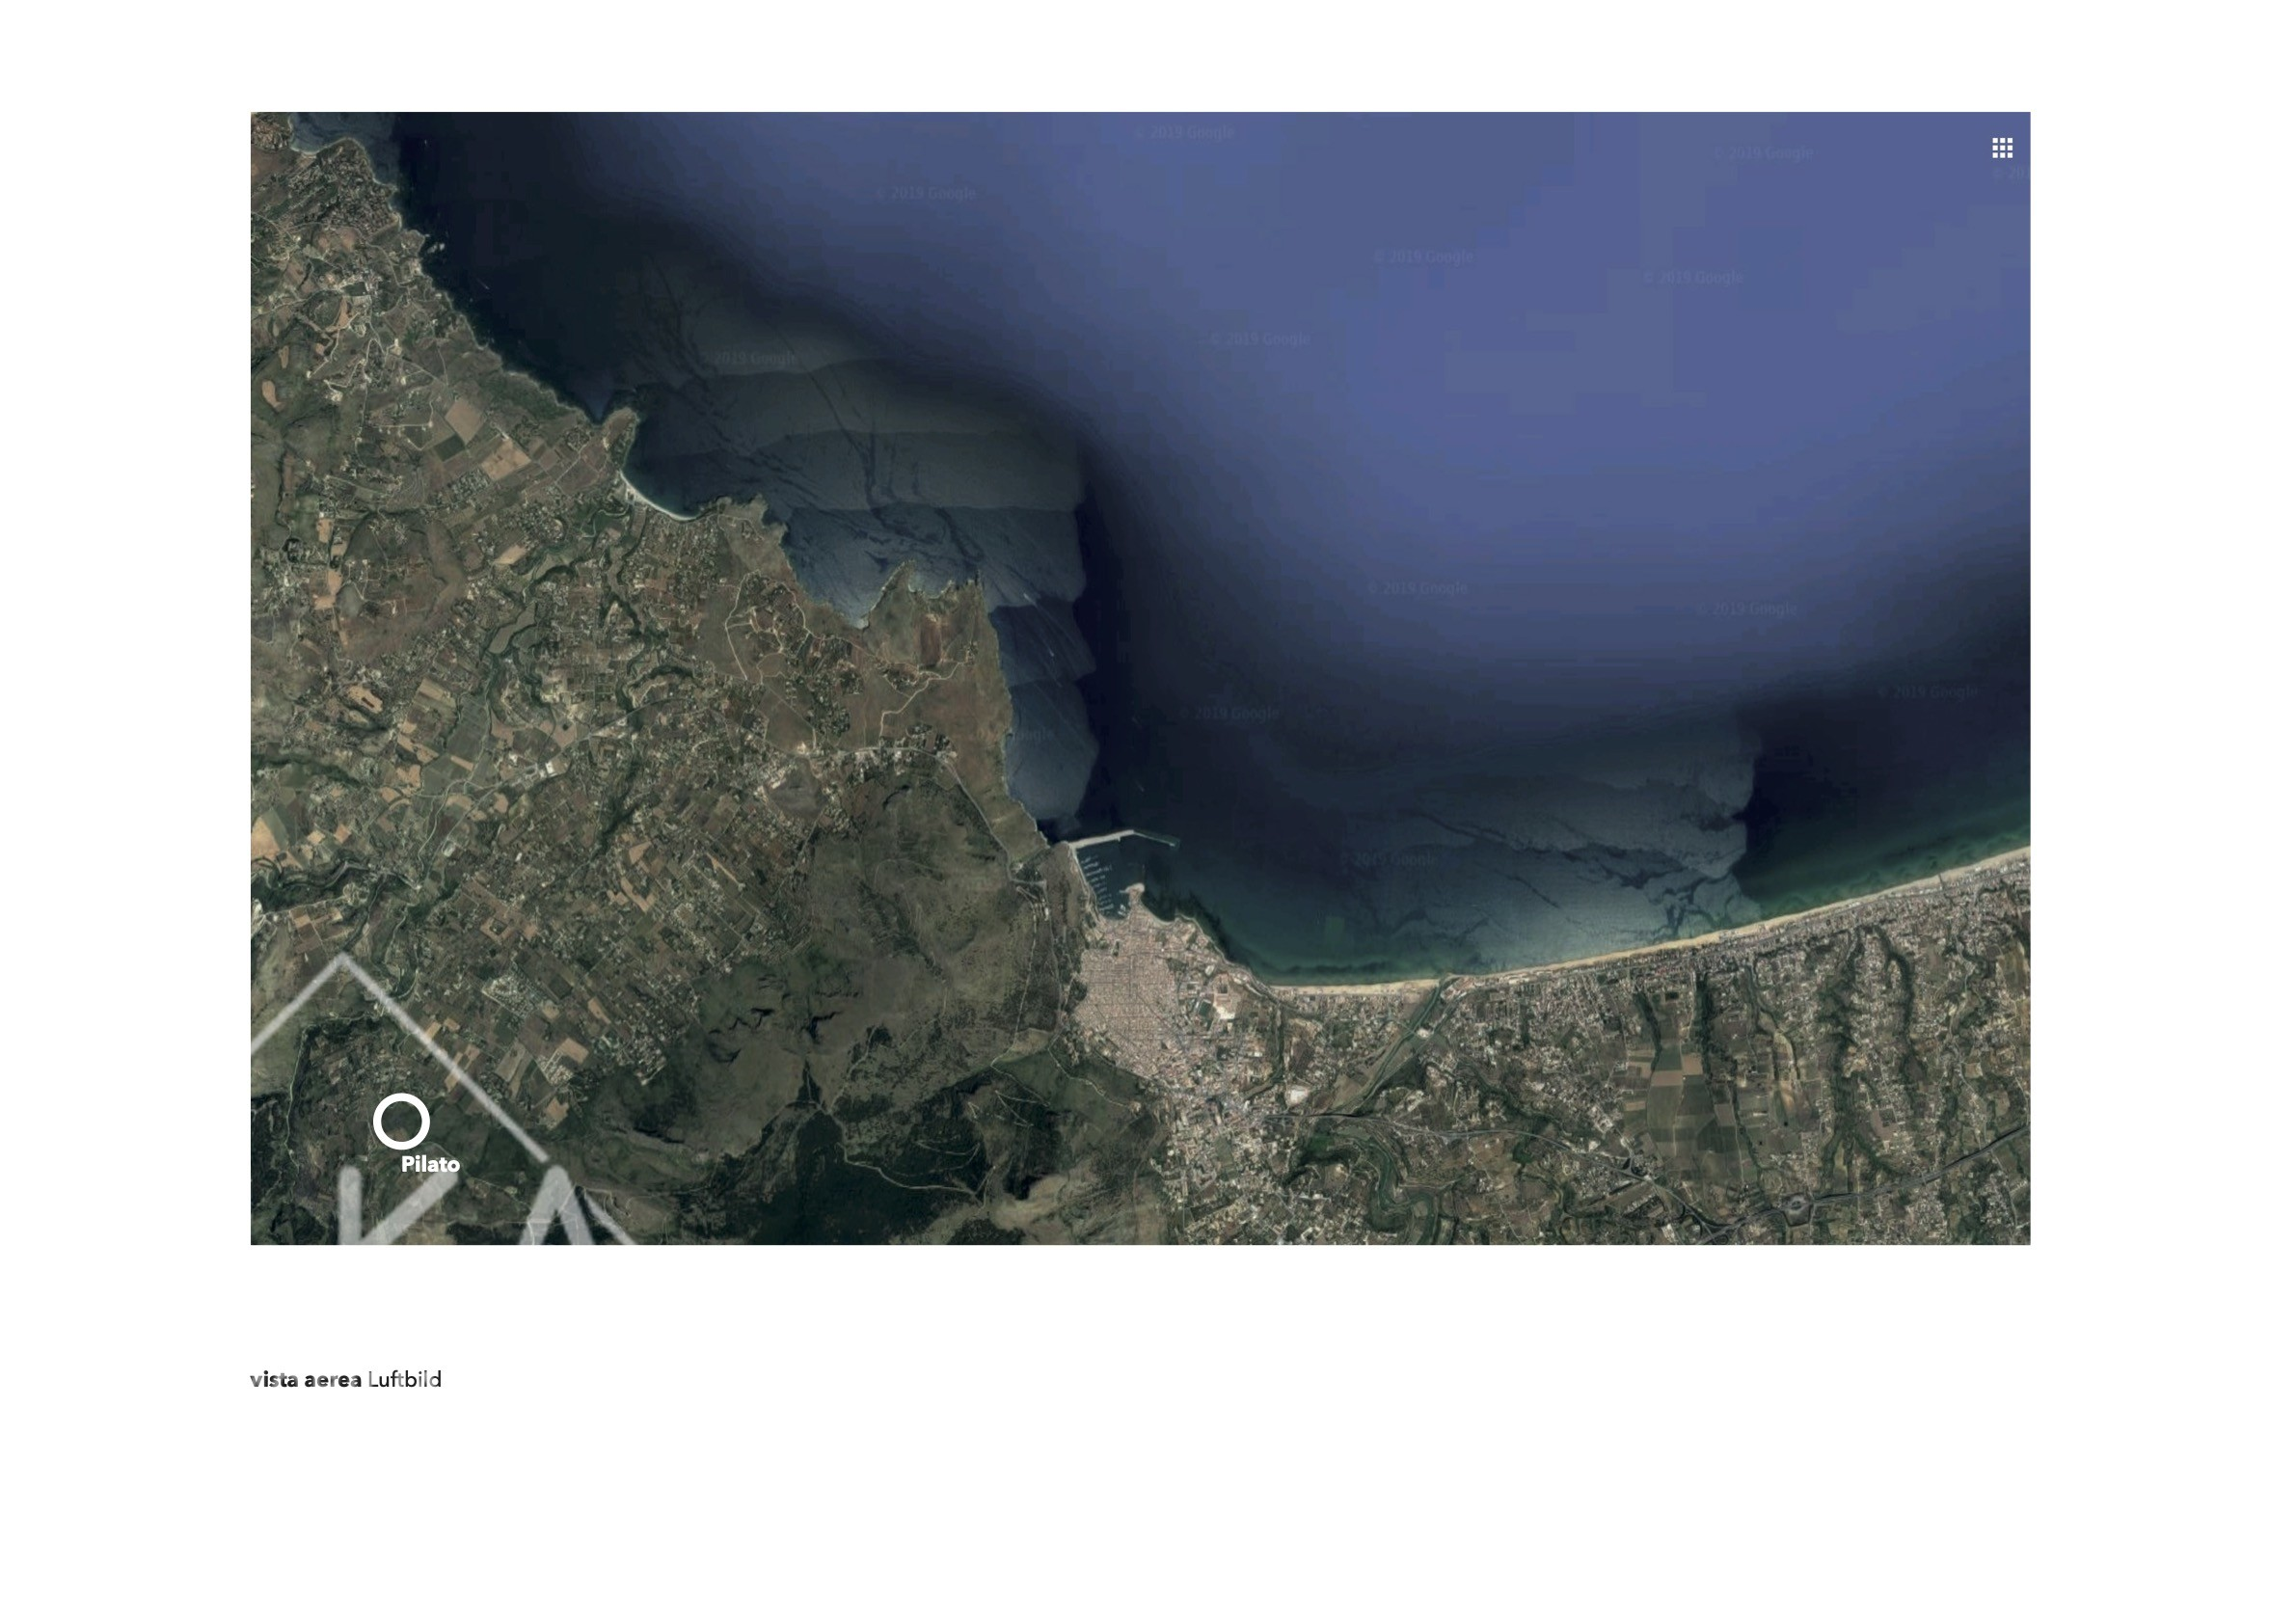 Rustico con terreno sul Monte Inici – Pilato